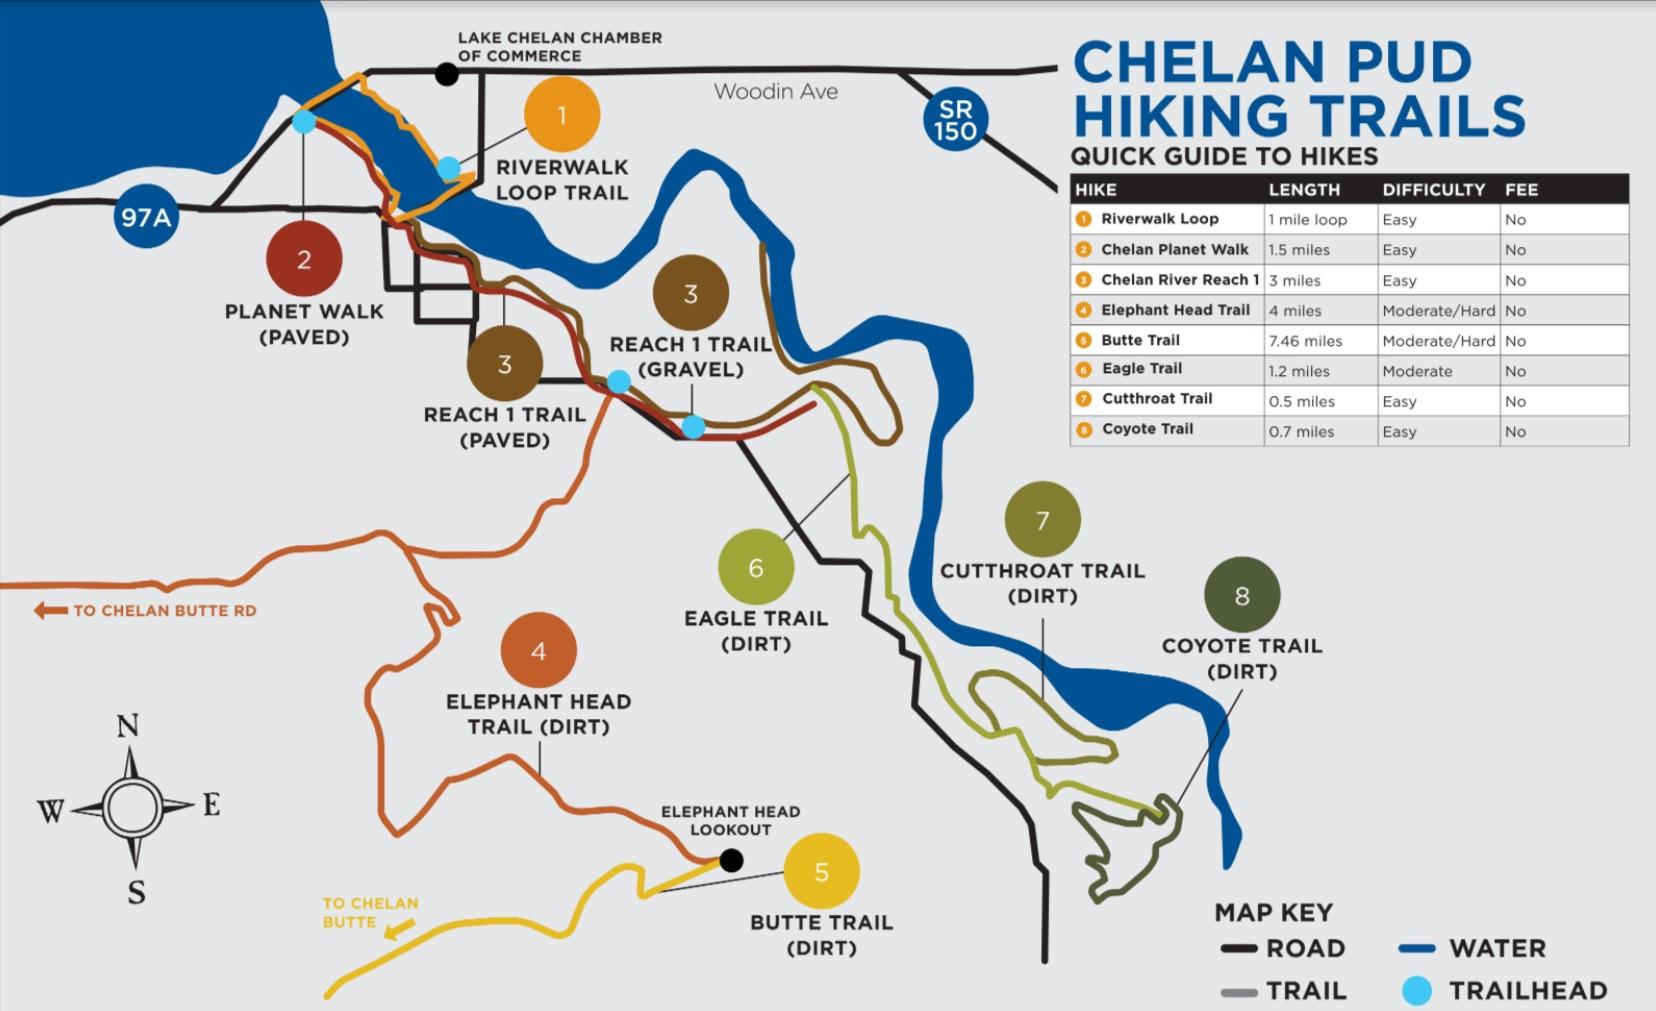 Lake Chelan Trails near Downtown Chelan Map